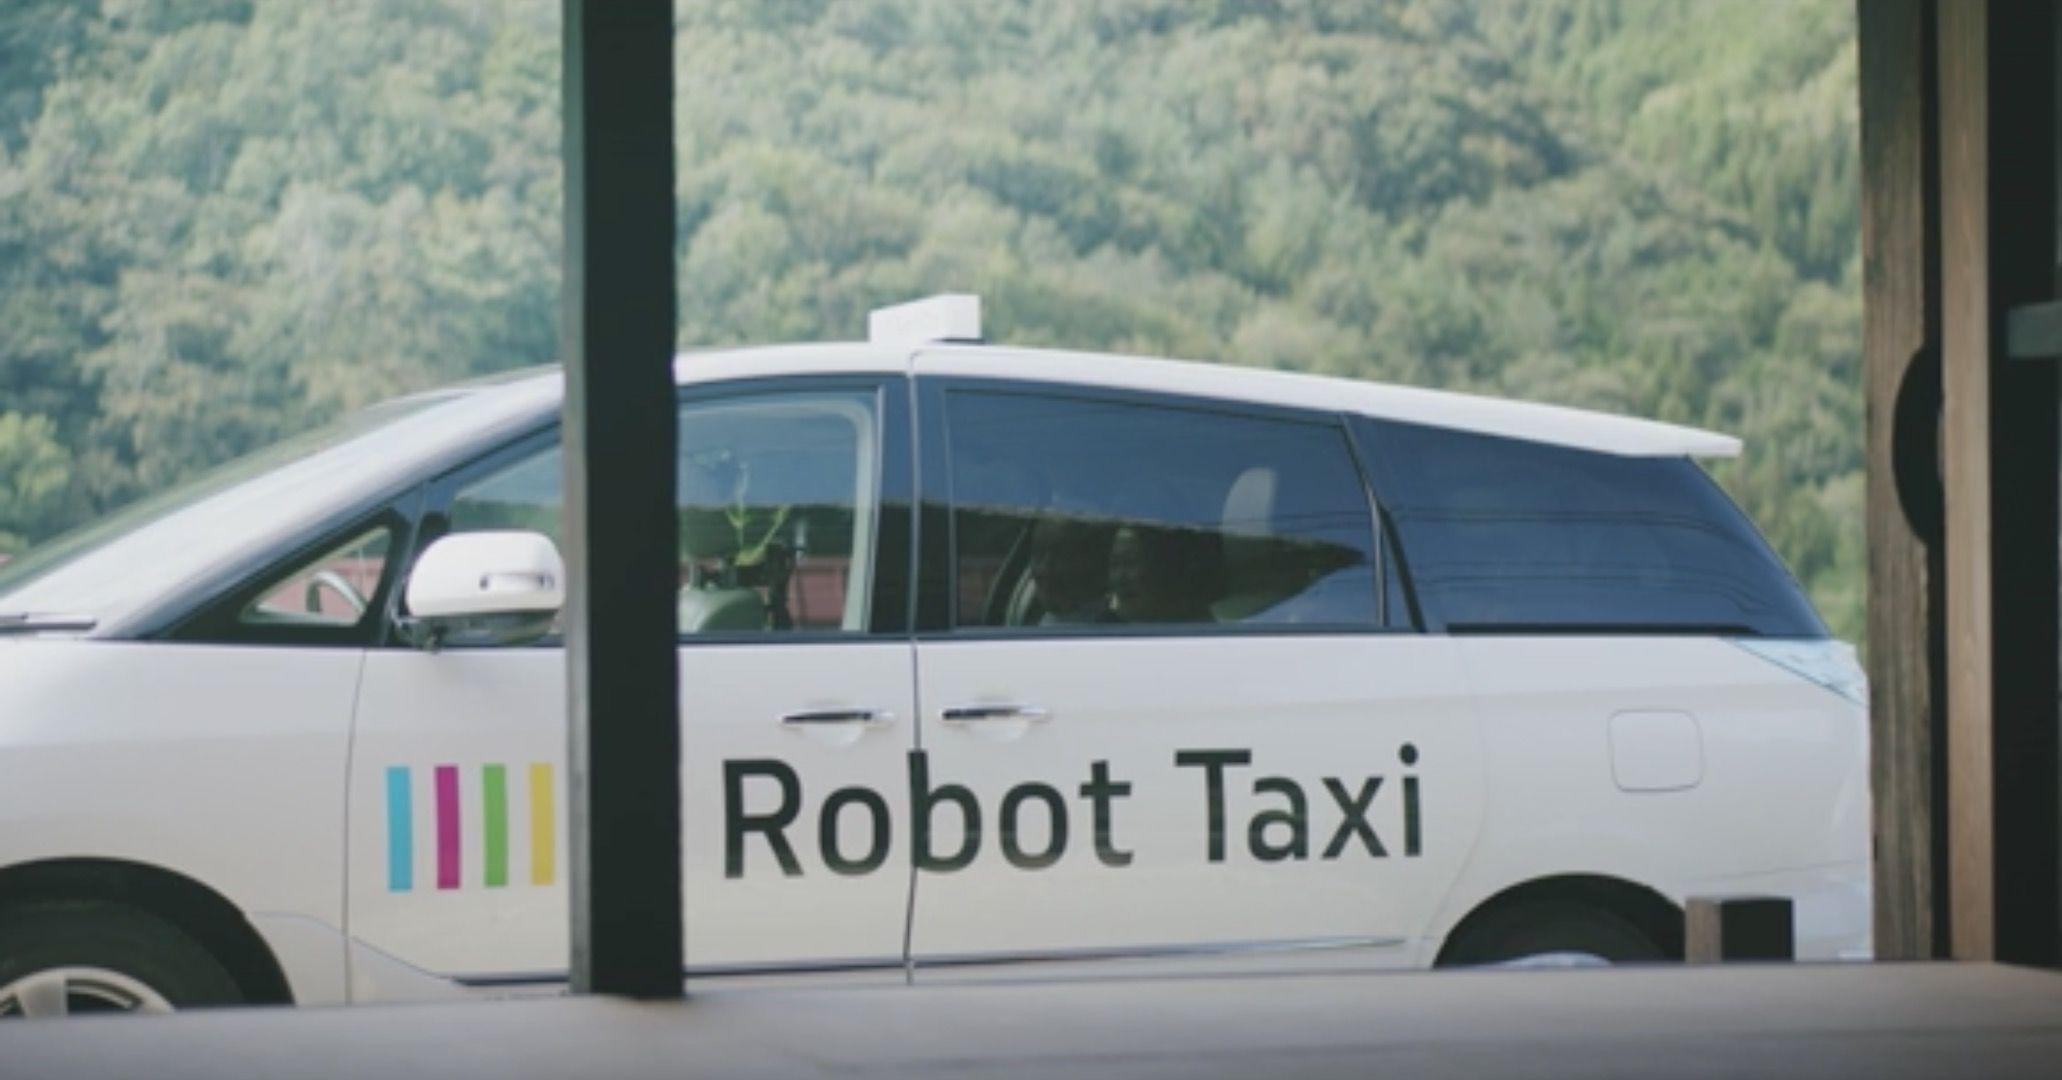 ある田舎町で愛される「1人のタクシー運転手」。彼が365日休まない理由とは?